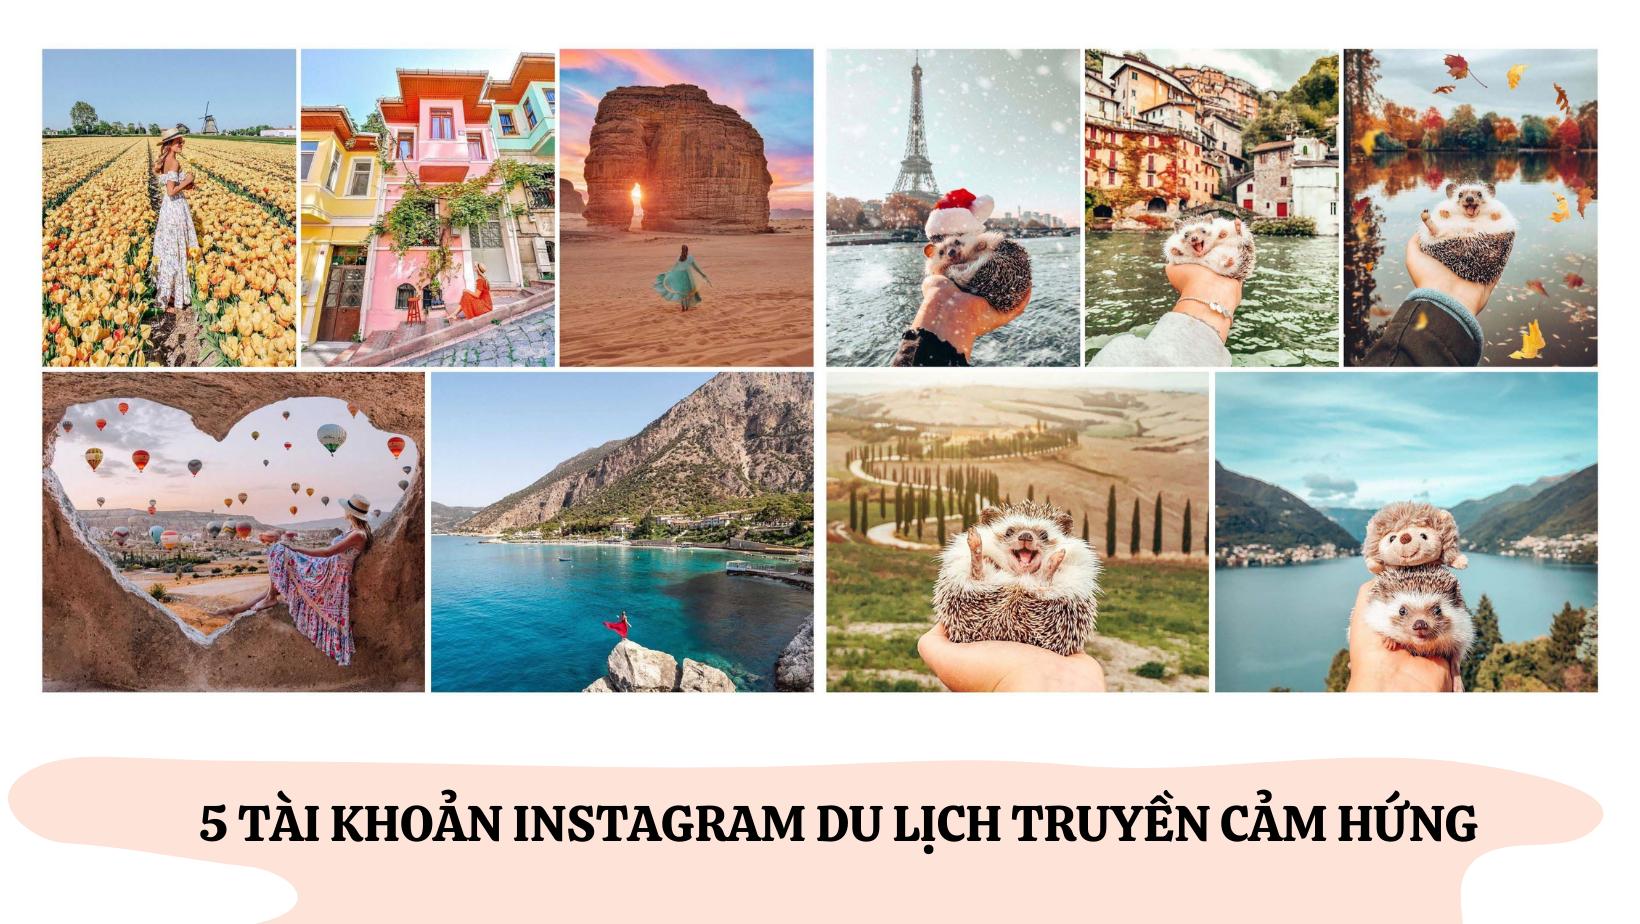 Top 5 tài khoản Instagram du lịch truyền cảm hứng nhất